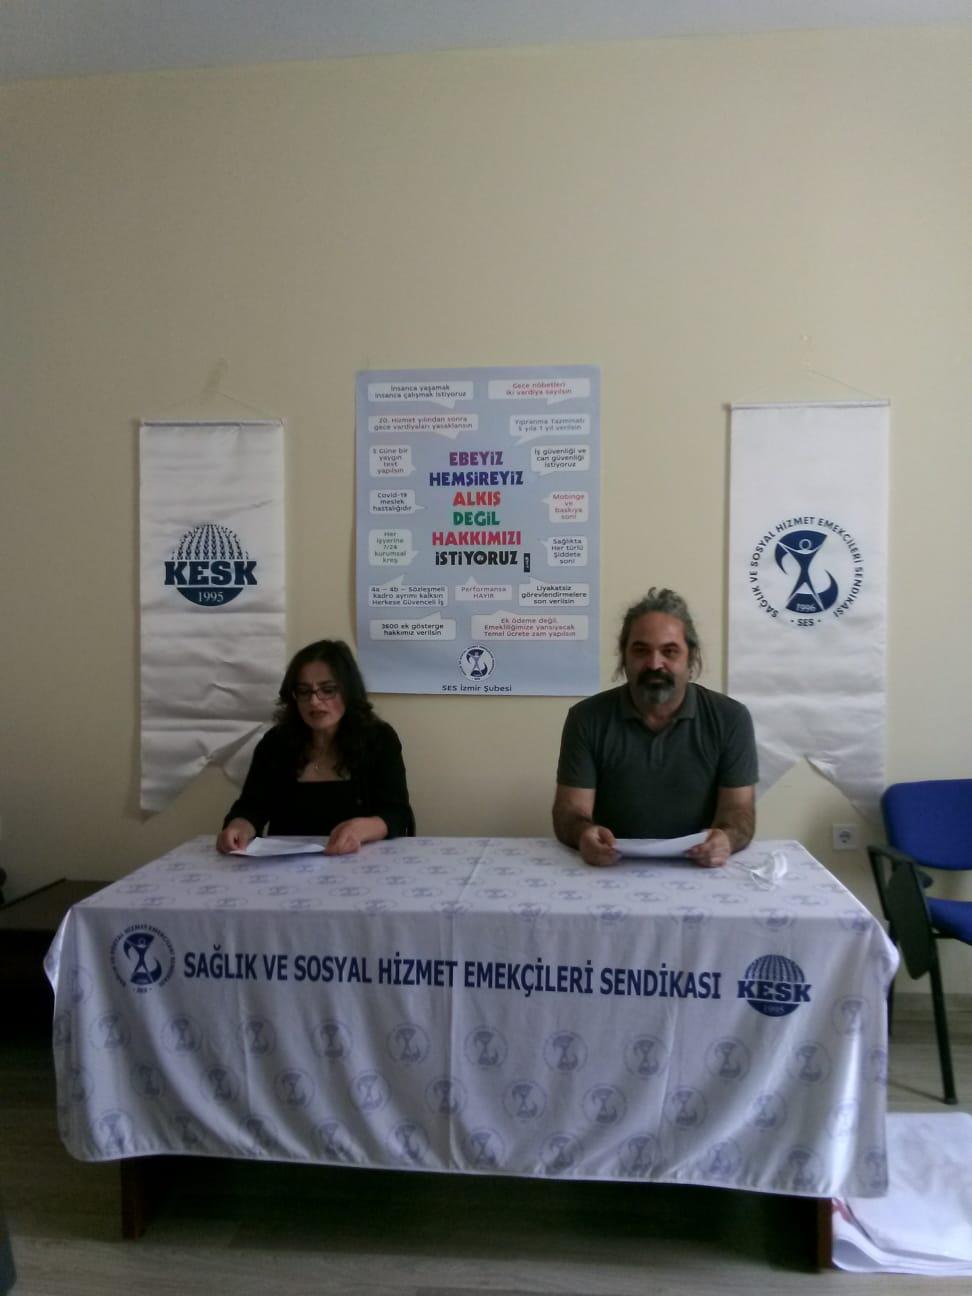 Ebeler Günü ve Hemşireler Günü'nü Kutlayan İzmir Şubemiz: Haklarımız İçin Mücadeleye Çağırıyoruz